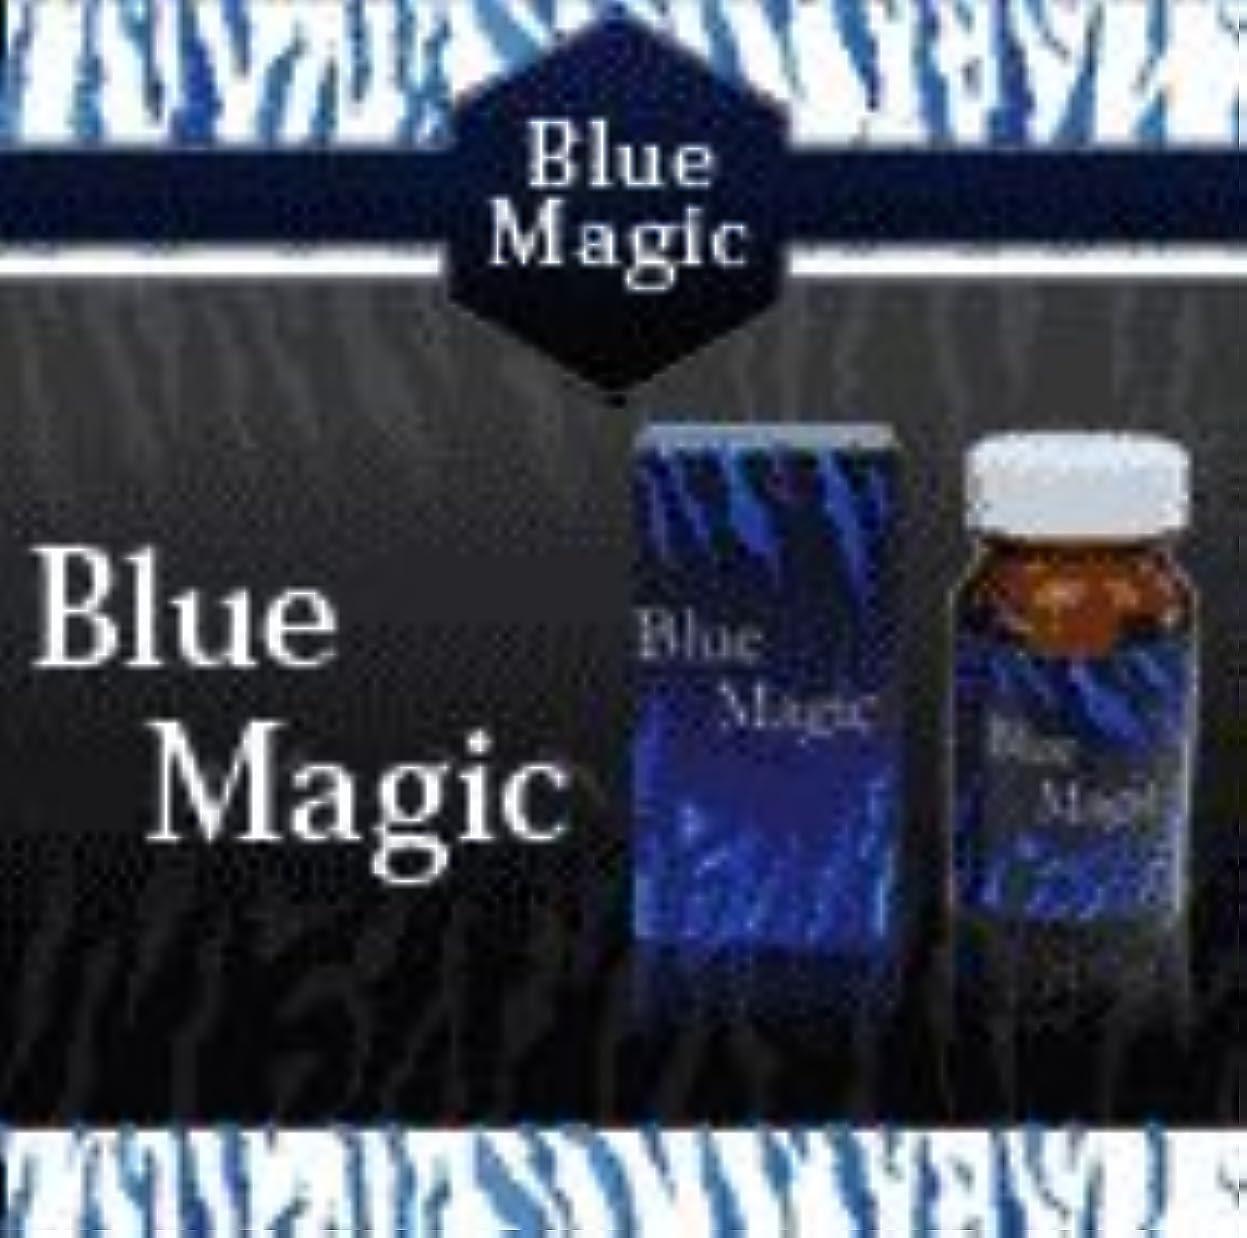 科学ギャップ測定「Blue Magic」ブルーマジック (ダイエットサプリメント) 5個セット